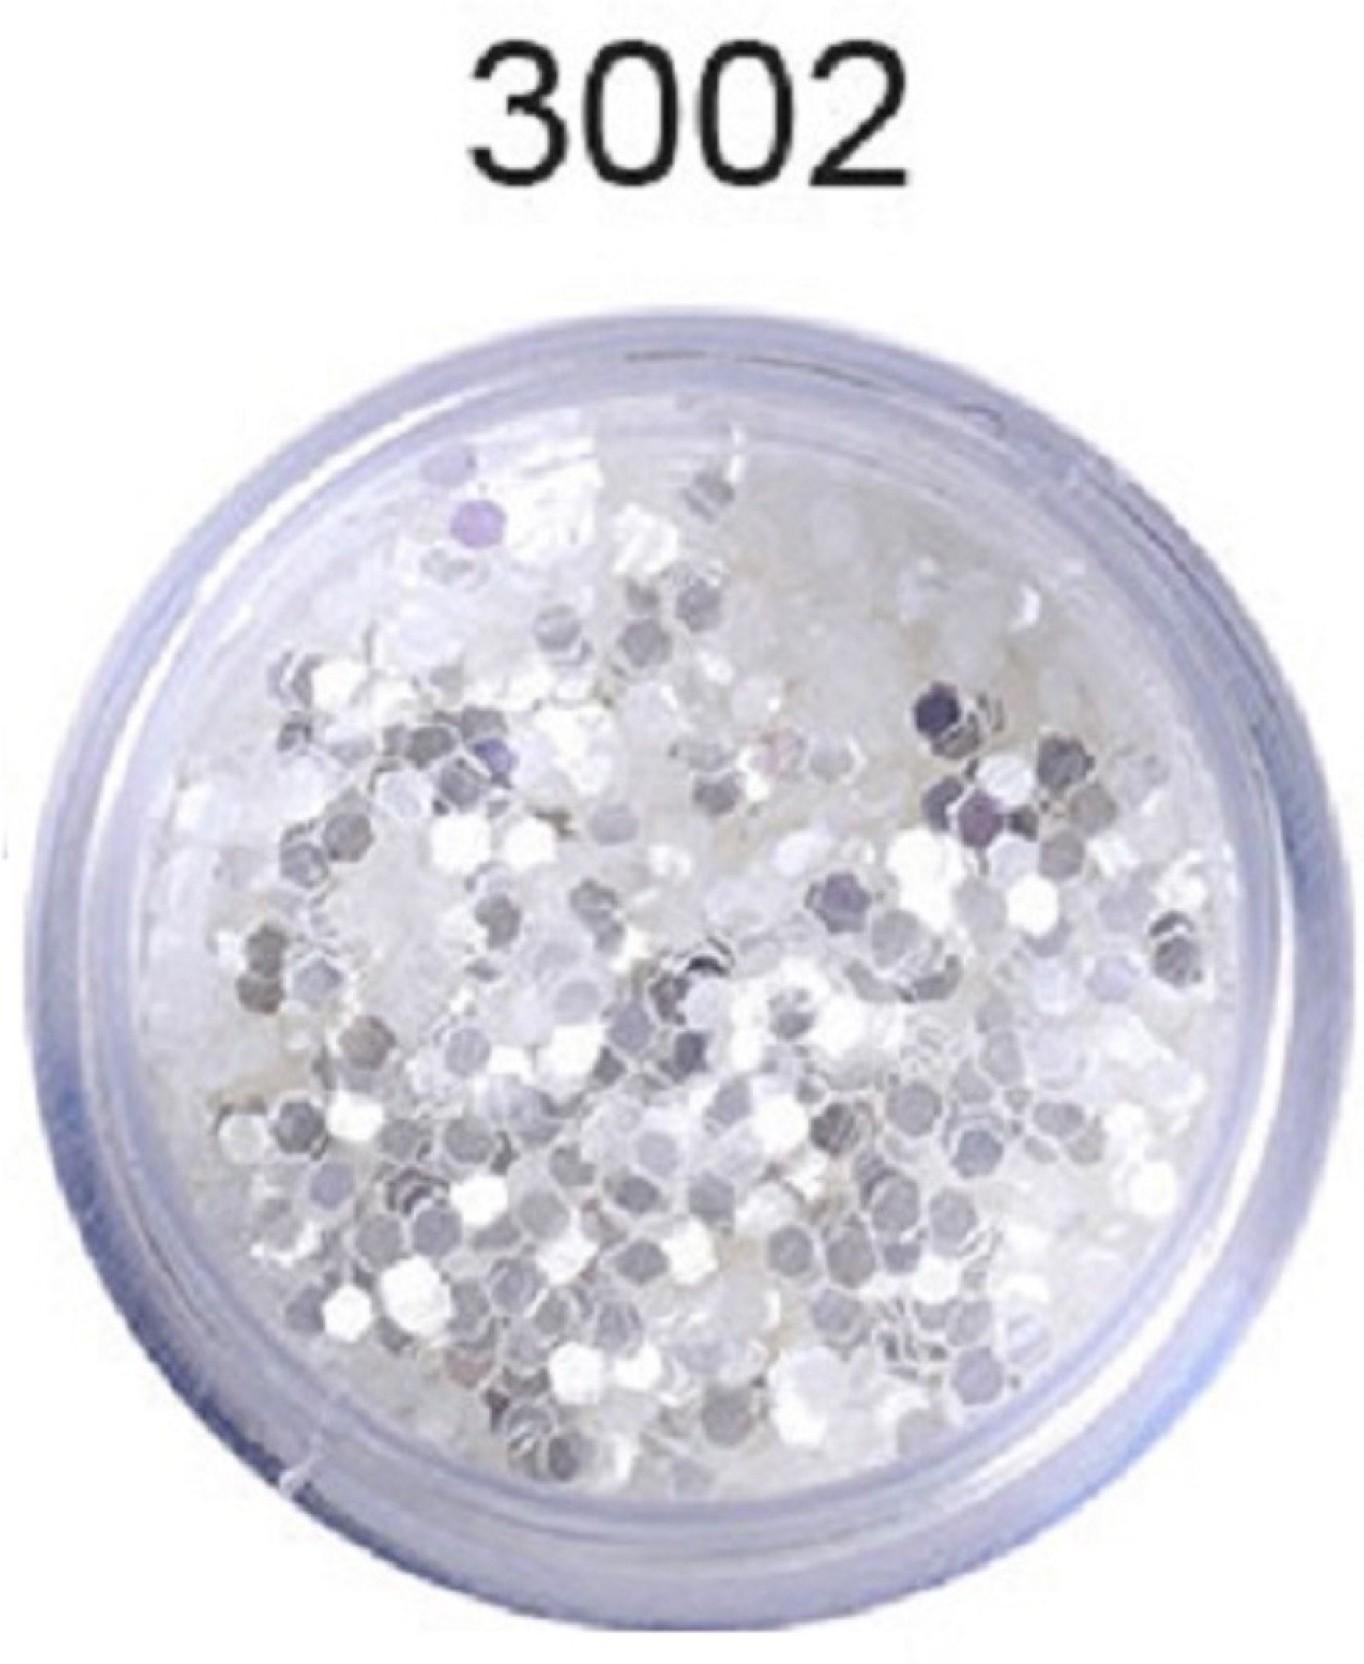 Born Pretty 10ml Box Mixed Laser Nail Glitter Tips White Silver Glitter 1mm  sequins Shiny Nail Glitter Powder Nail Art Decoration  3002 (Silver) 351dcd4686f8